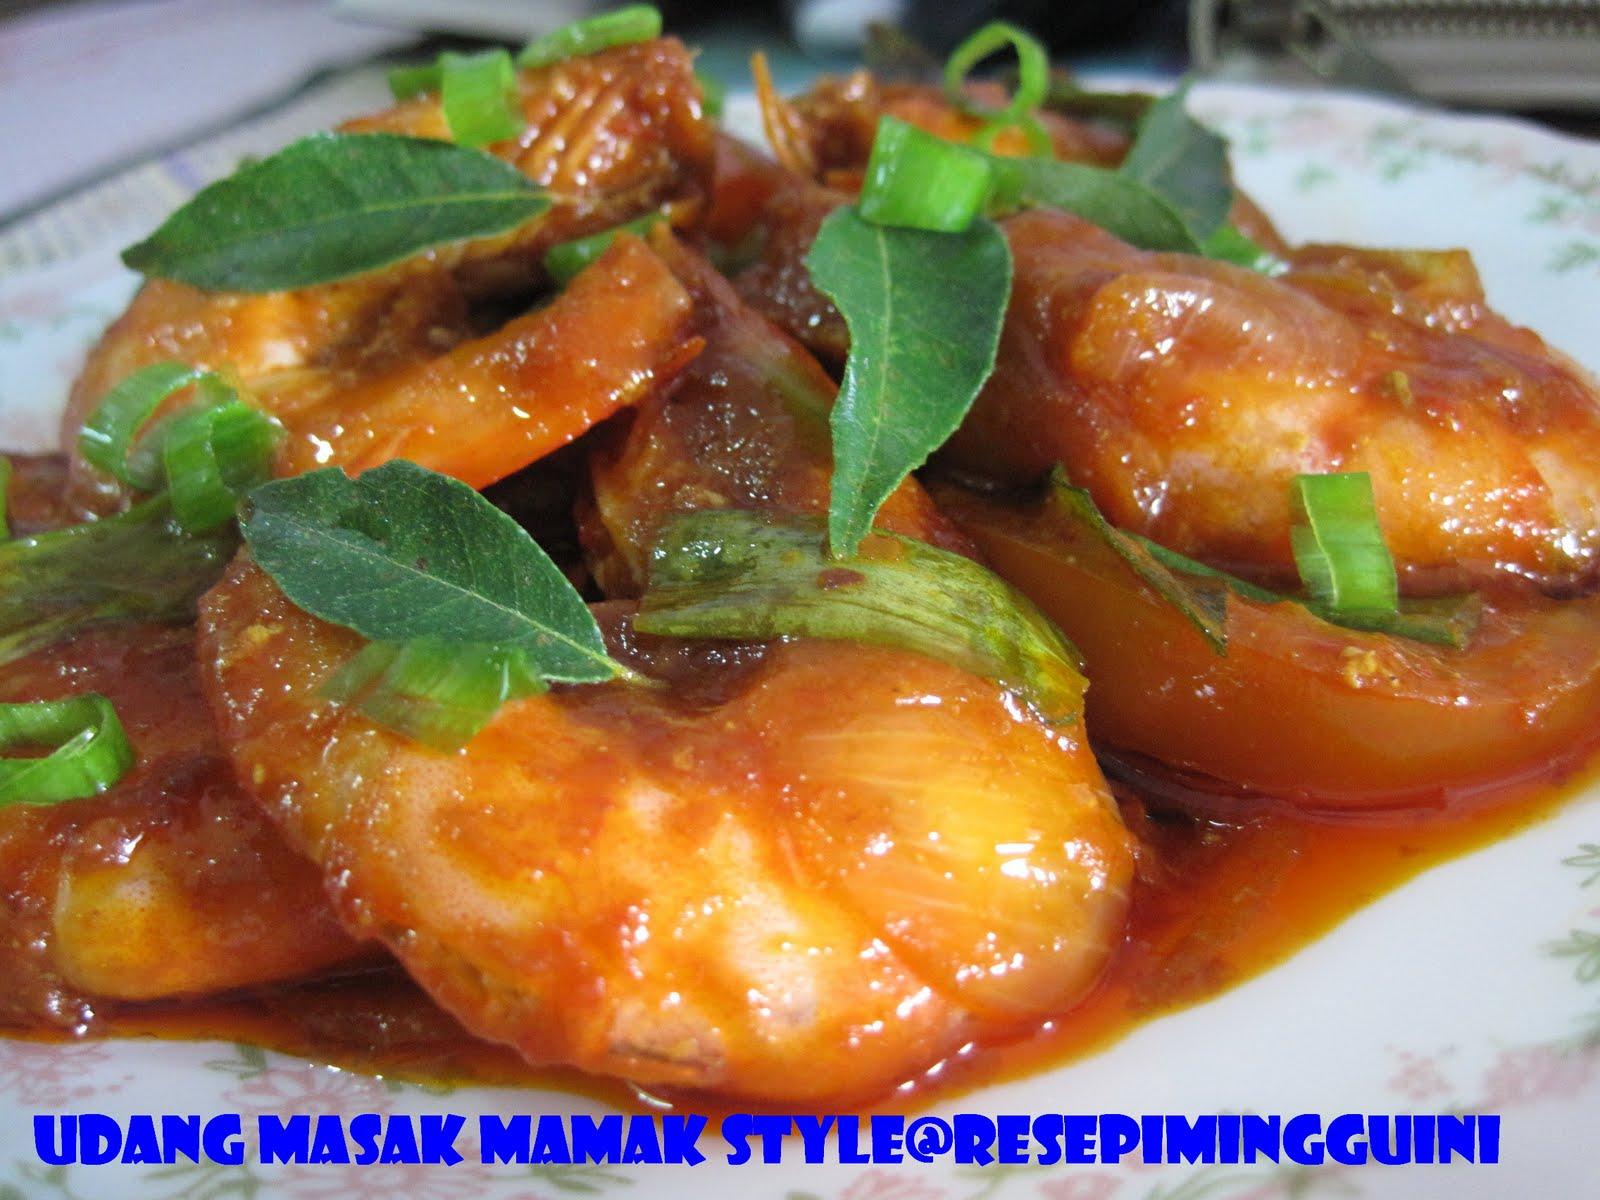 Udang Masak Mamak Style